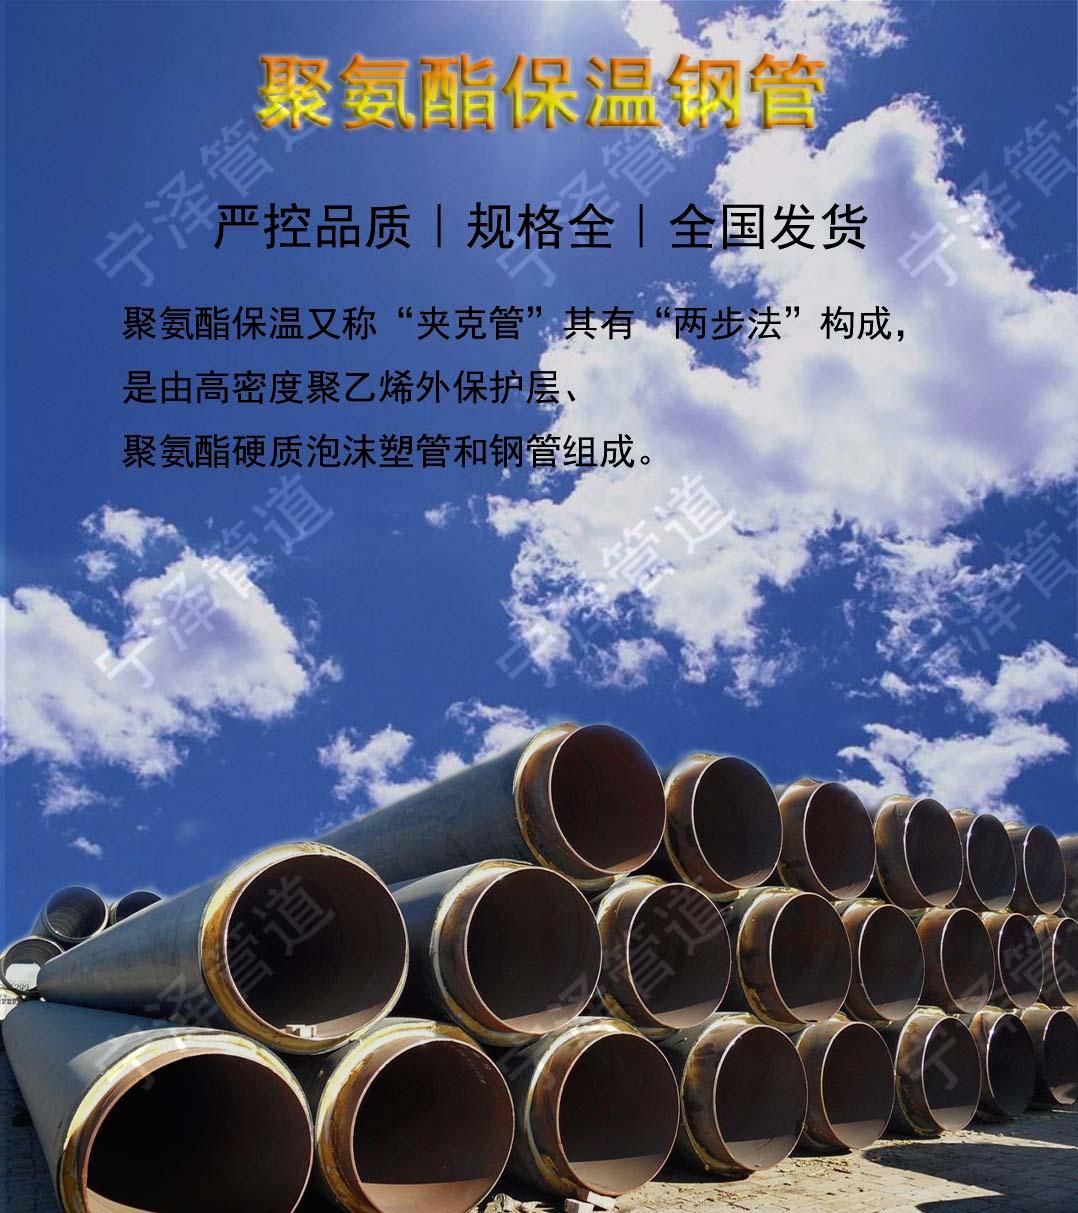 乐至县引水管道用螺旋钢管指导报价二分钟前